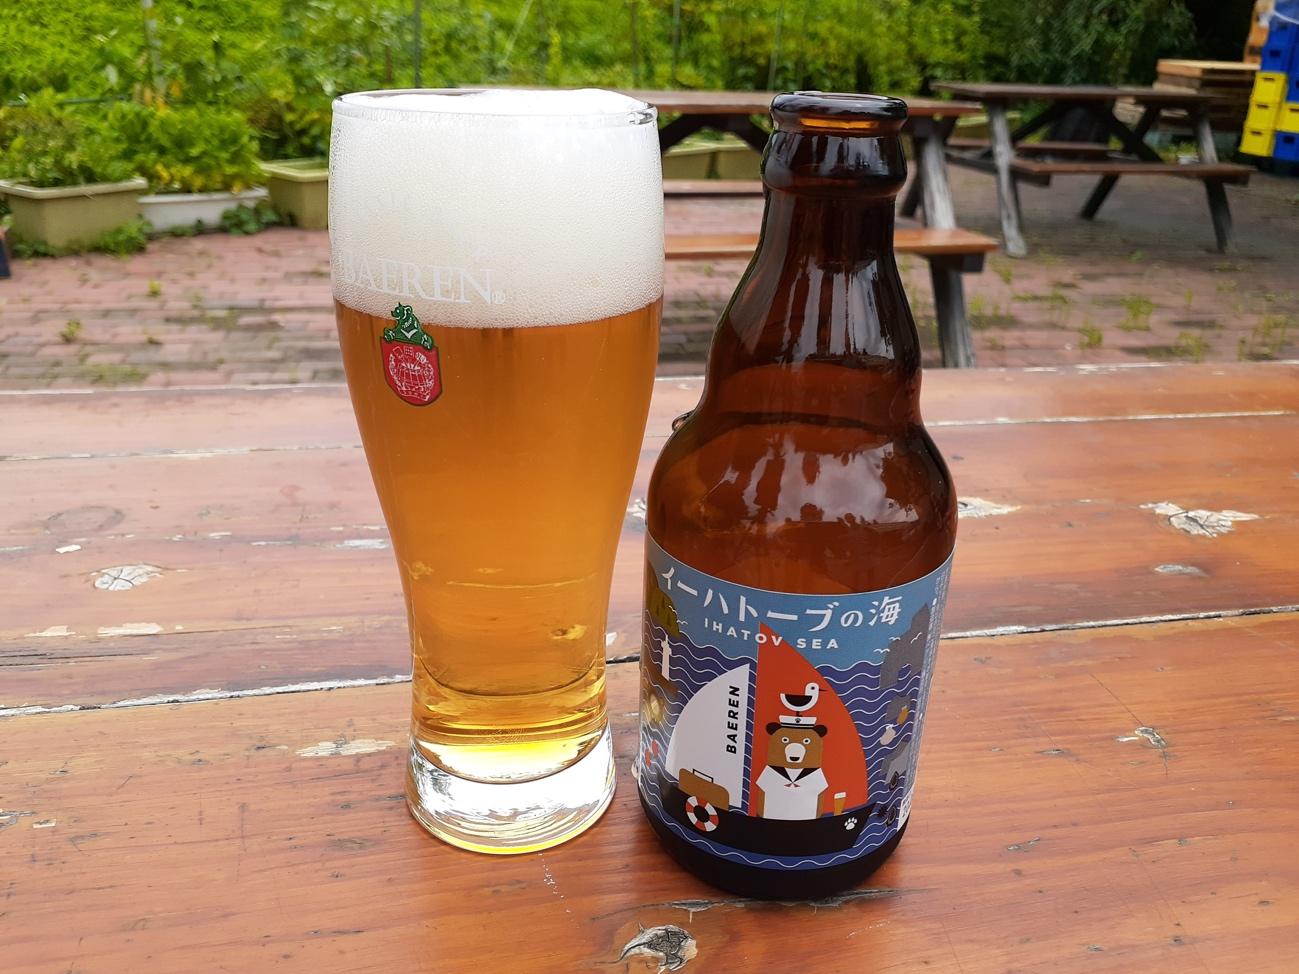 岩手の地ビール会社「ベアレン醸造所」とコラボした海のビールが誕生!